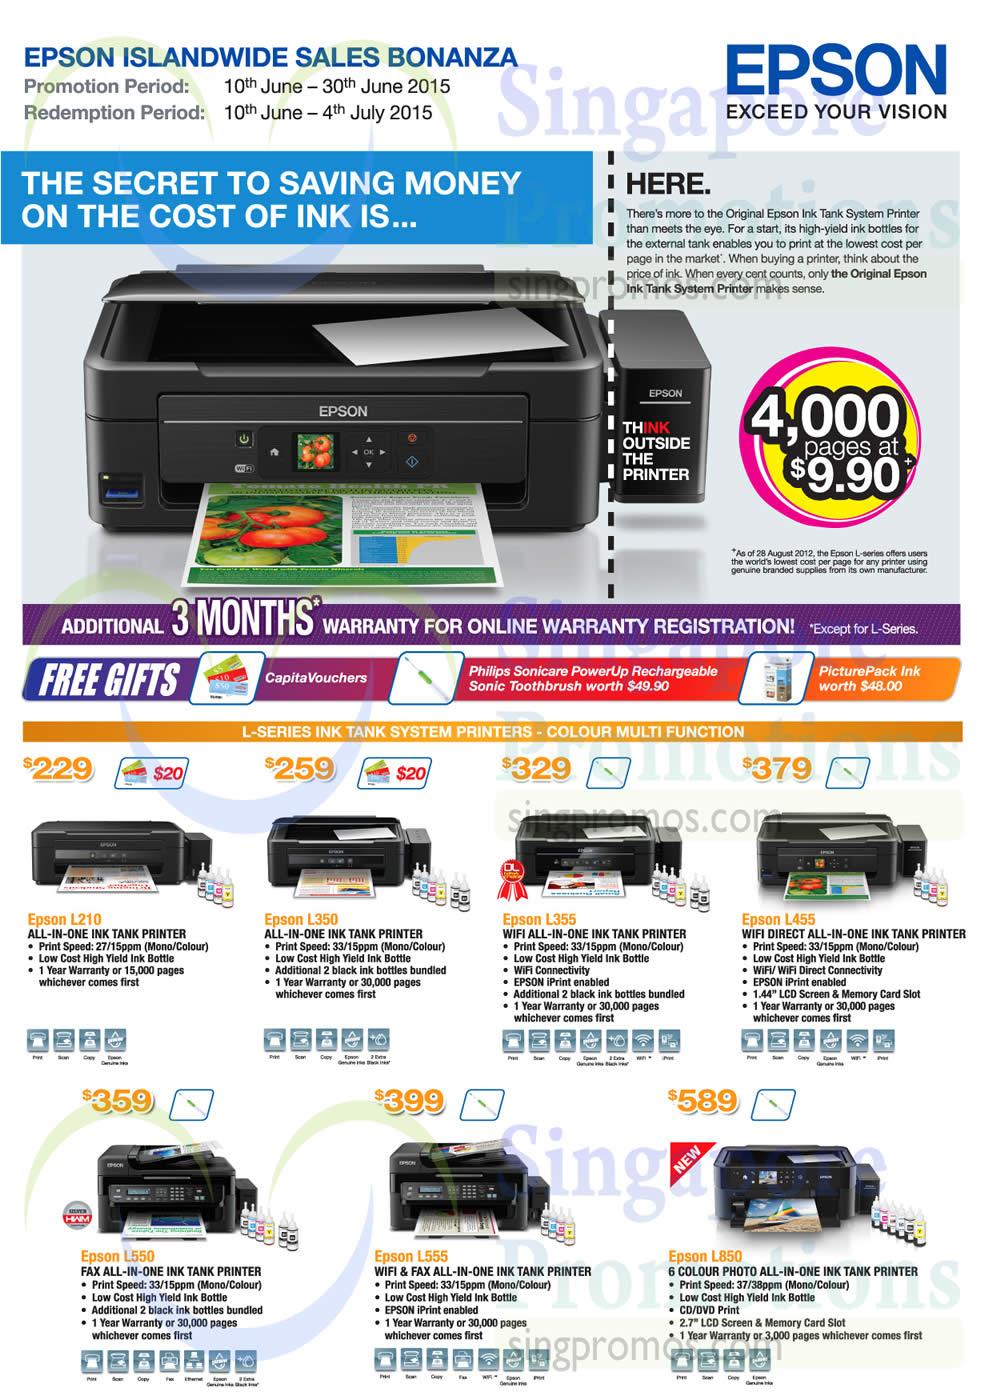 Epson l355 deals : D7100 cyber monday deals